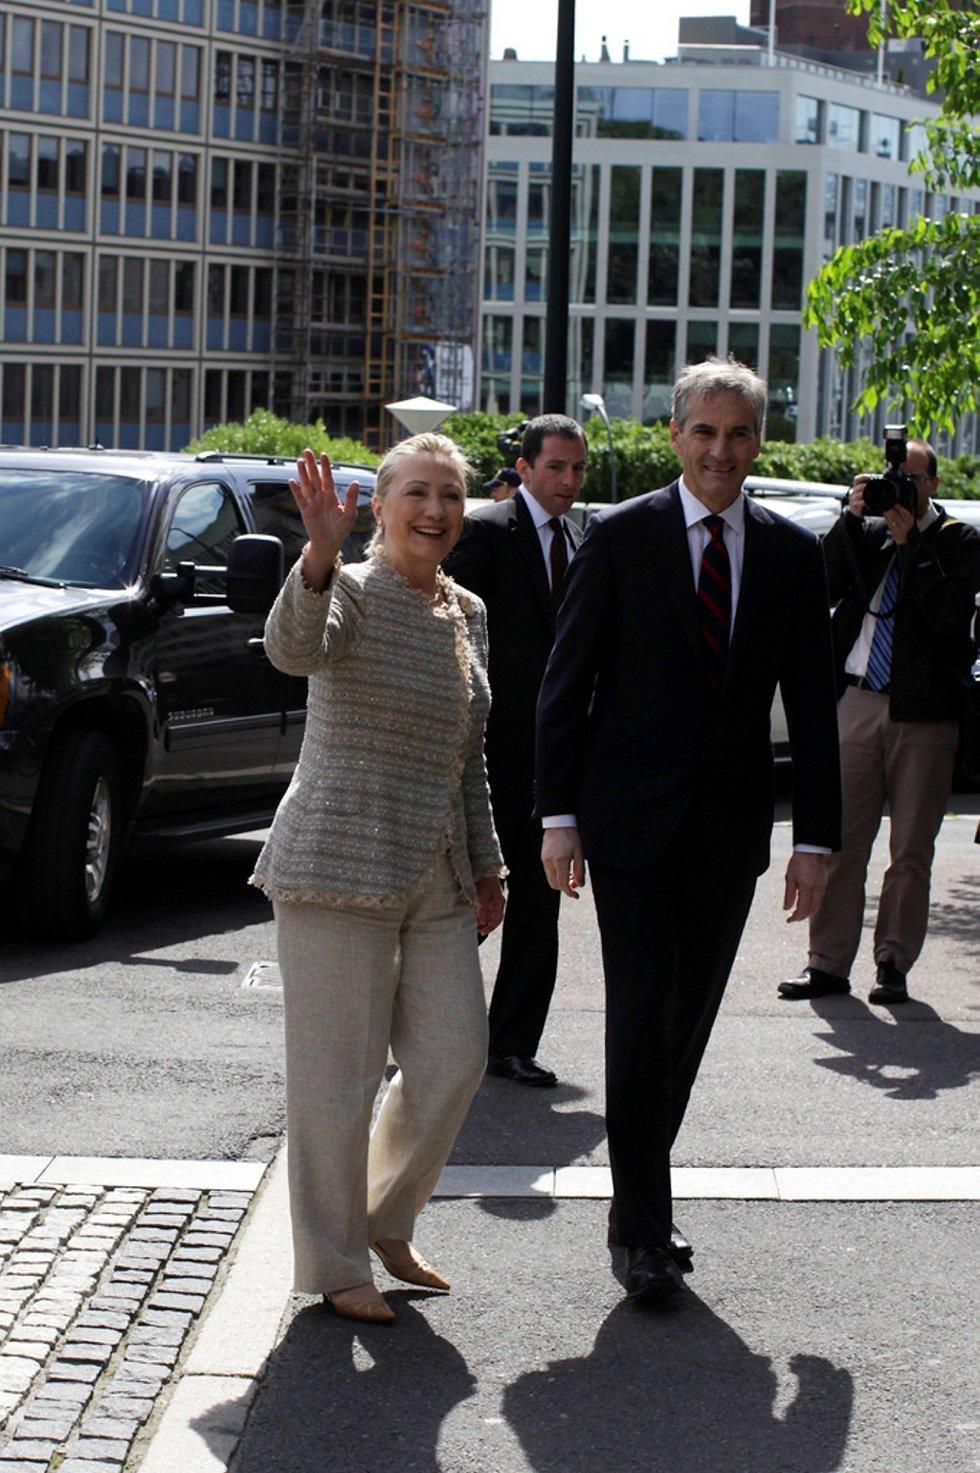 Solen tittet fram idet USAs utenriksminister Hillary Clinton ankom Utenriksdepartementet fredag, 25 minutter forsinket. Der ble hun tatt imot av utenriksminister Jonas Gahr Støre (Ap).